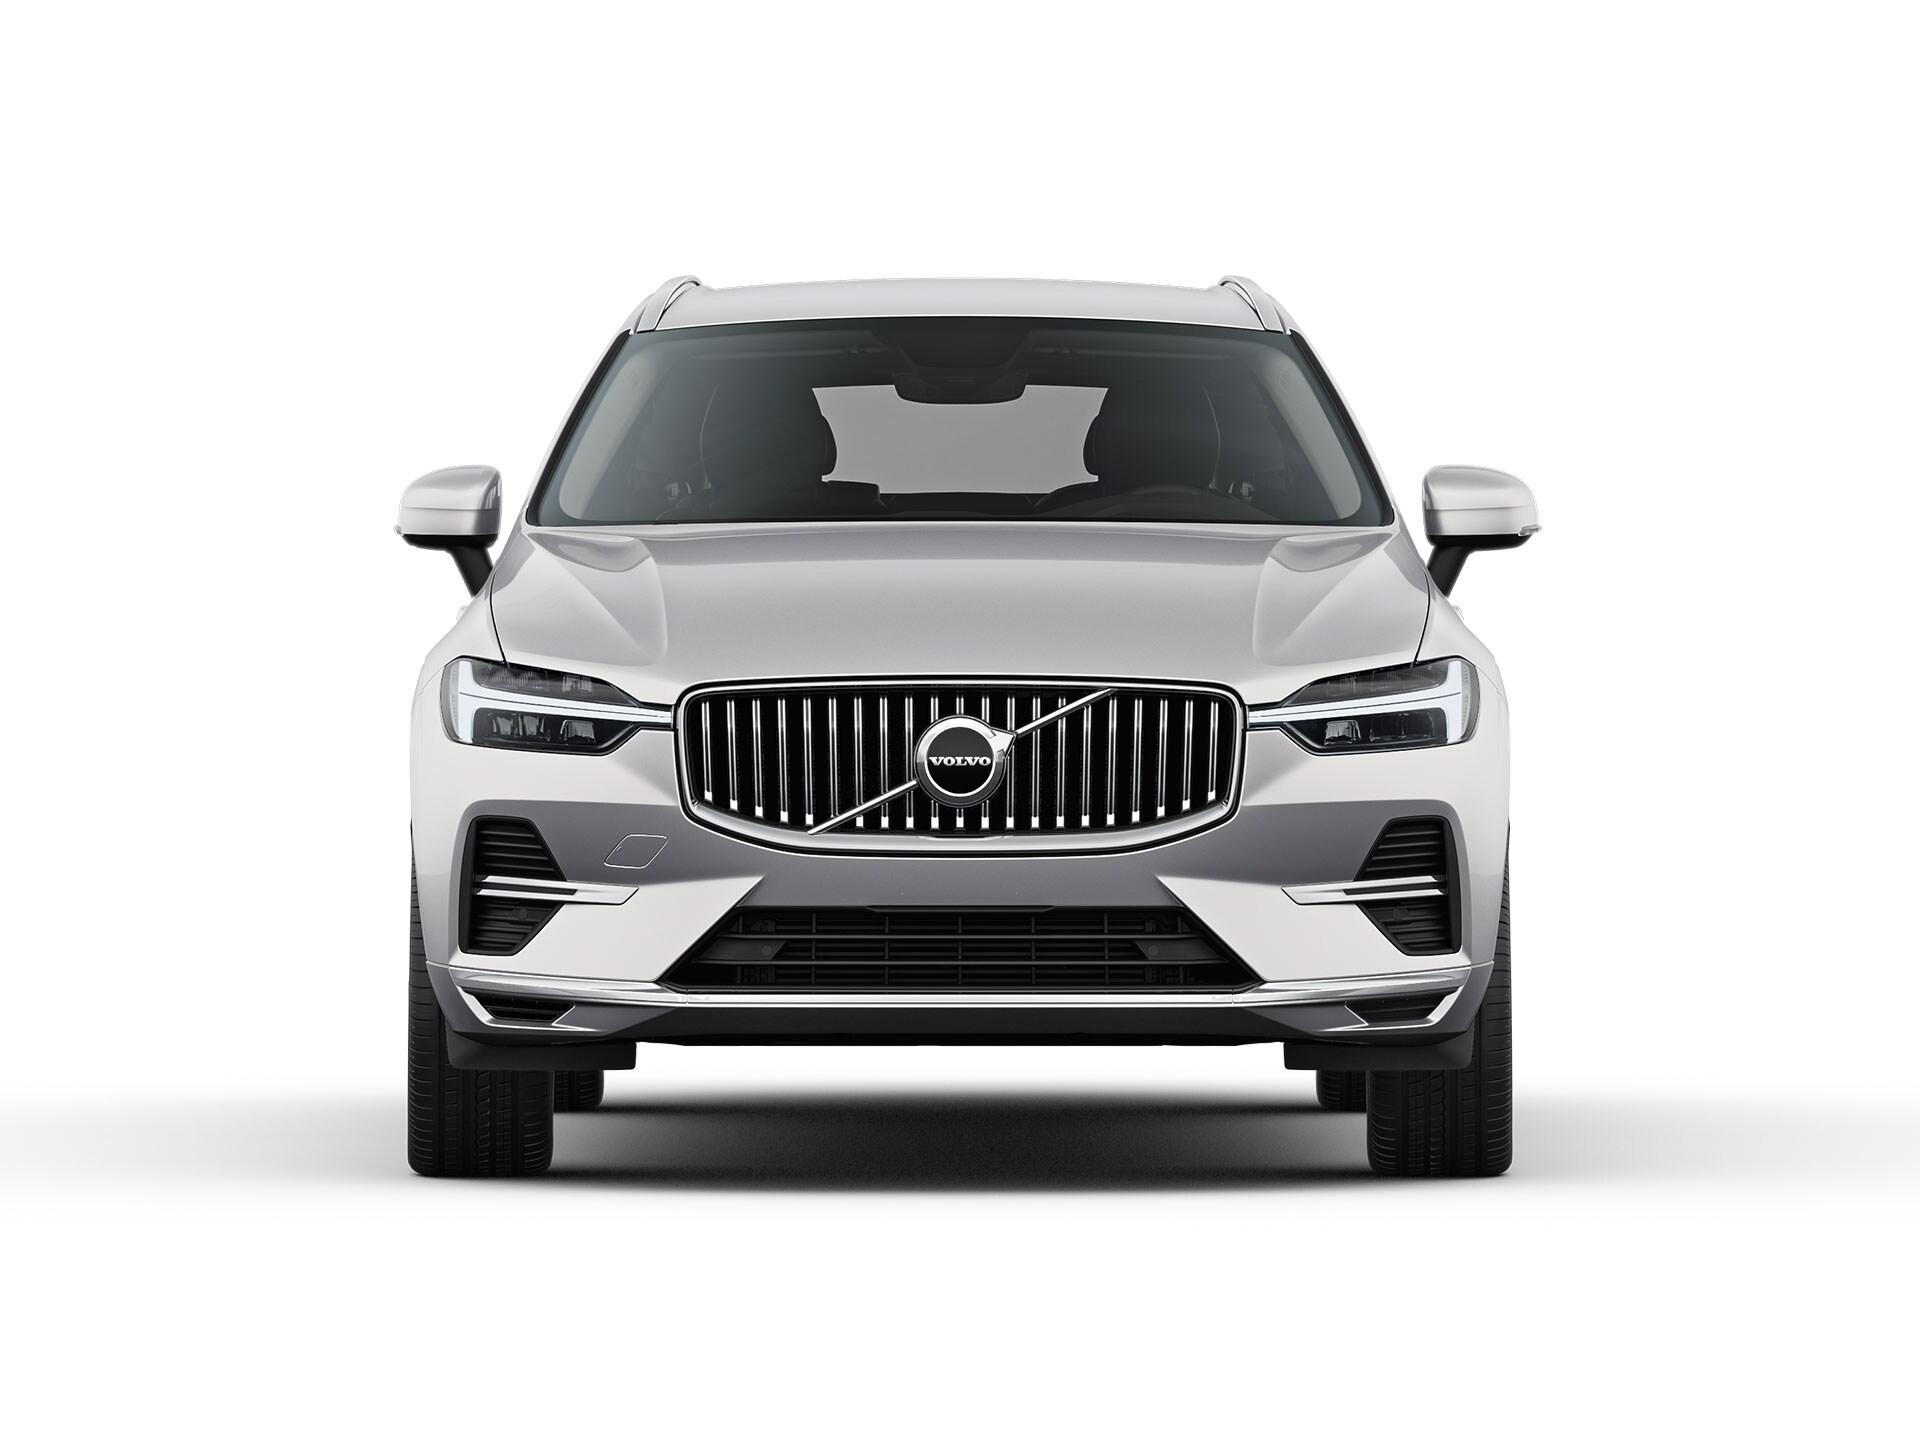 Přední část SUV Volvo XC60.